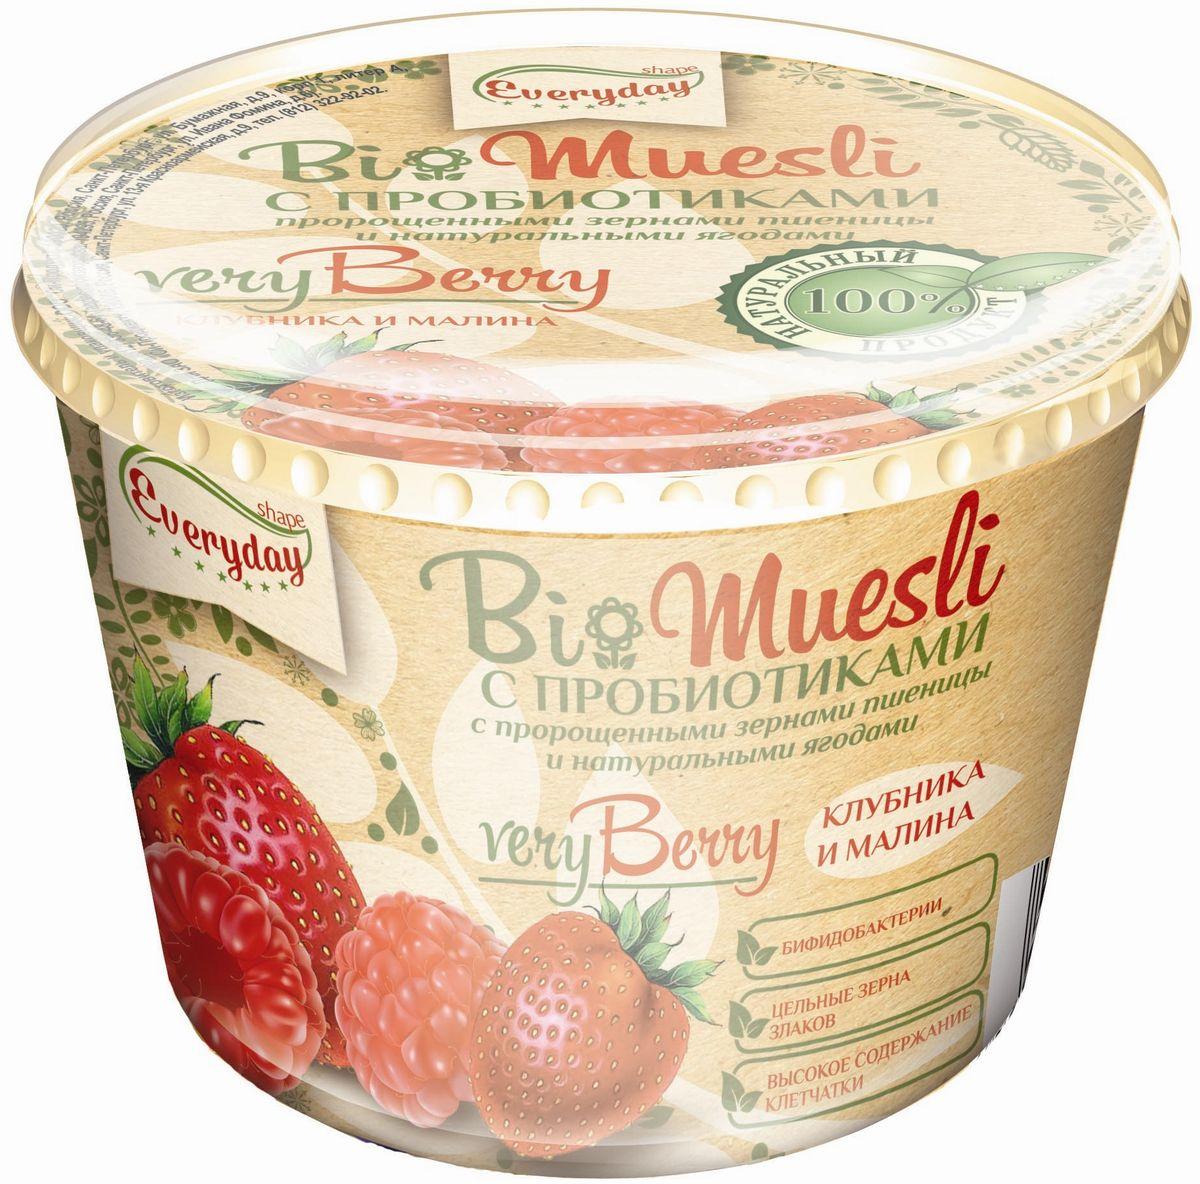 Everyday Bio мюсли с садовыми ягодами, 35 г (стакан)бйф010Продукт, предназначенный для систематического употребления в составе пищевых рационов всеми возрастными группами здорового населения.